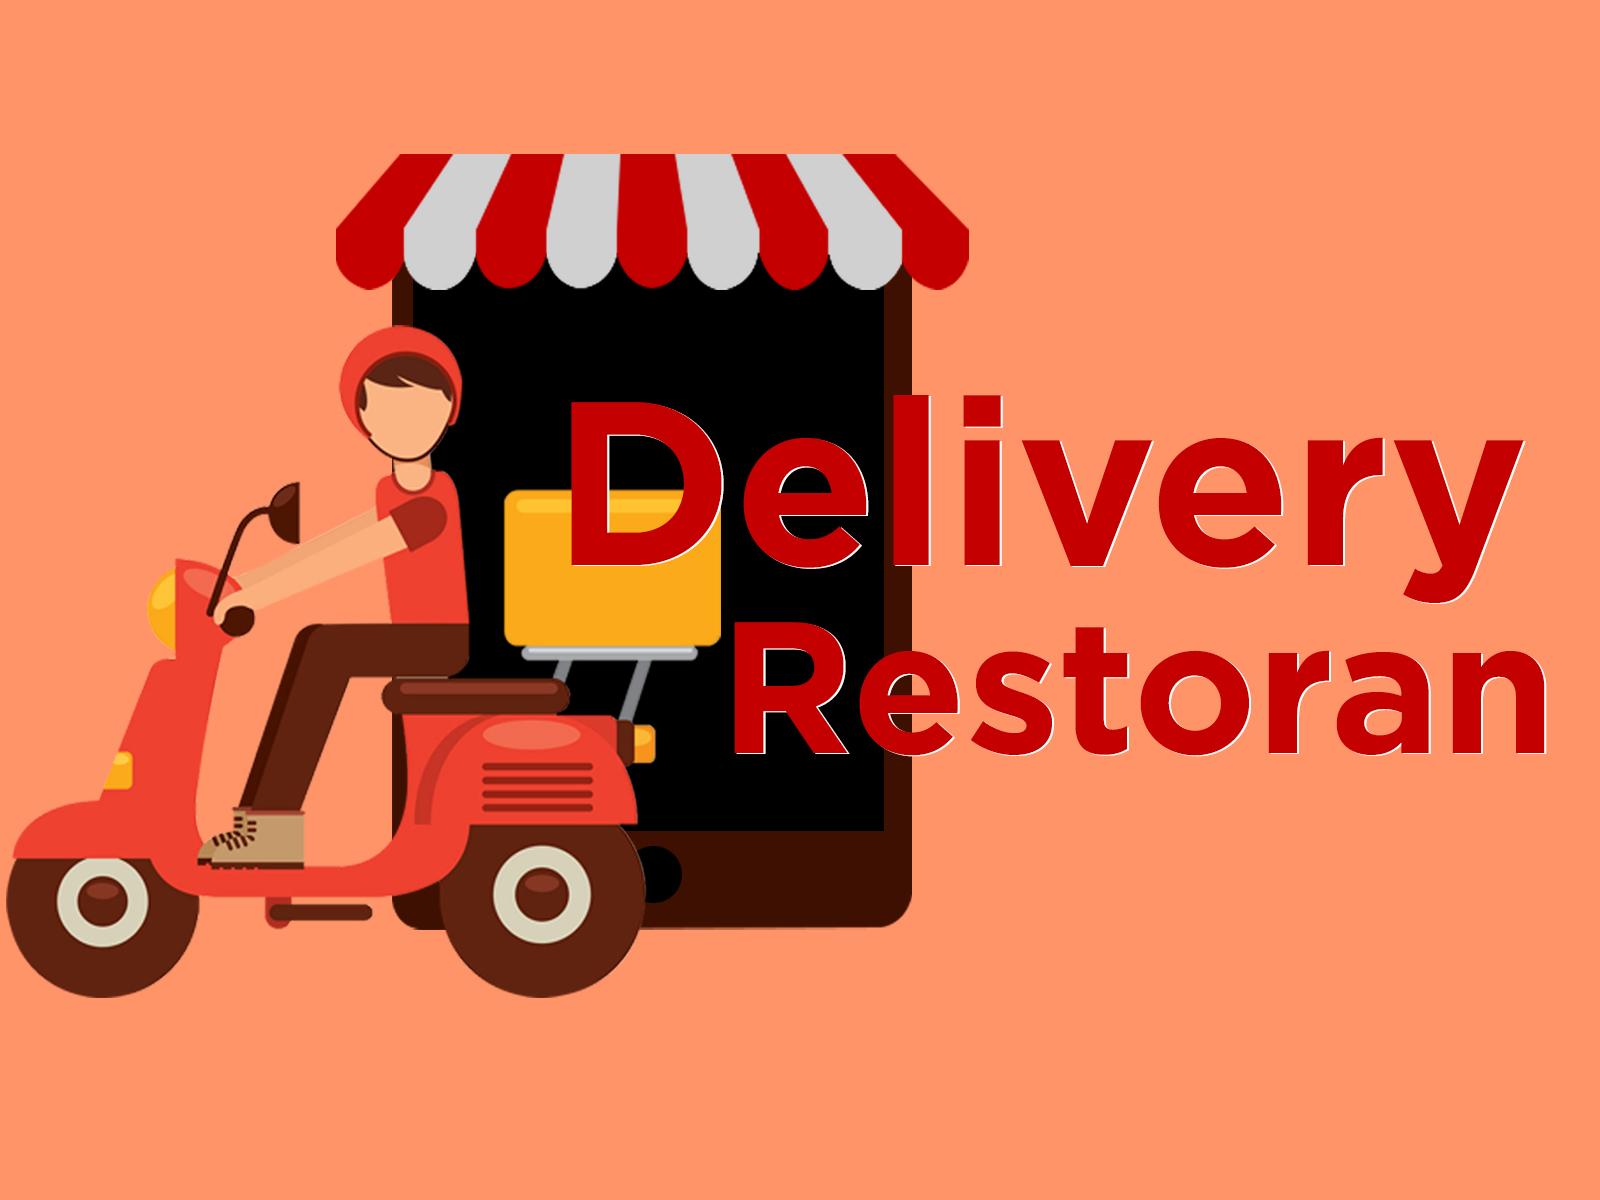 Delivery Restoran